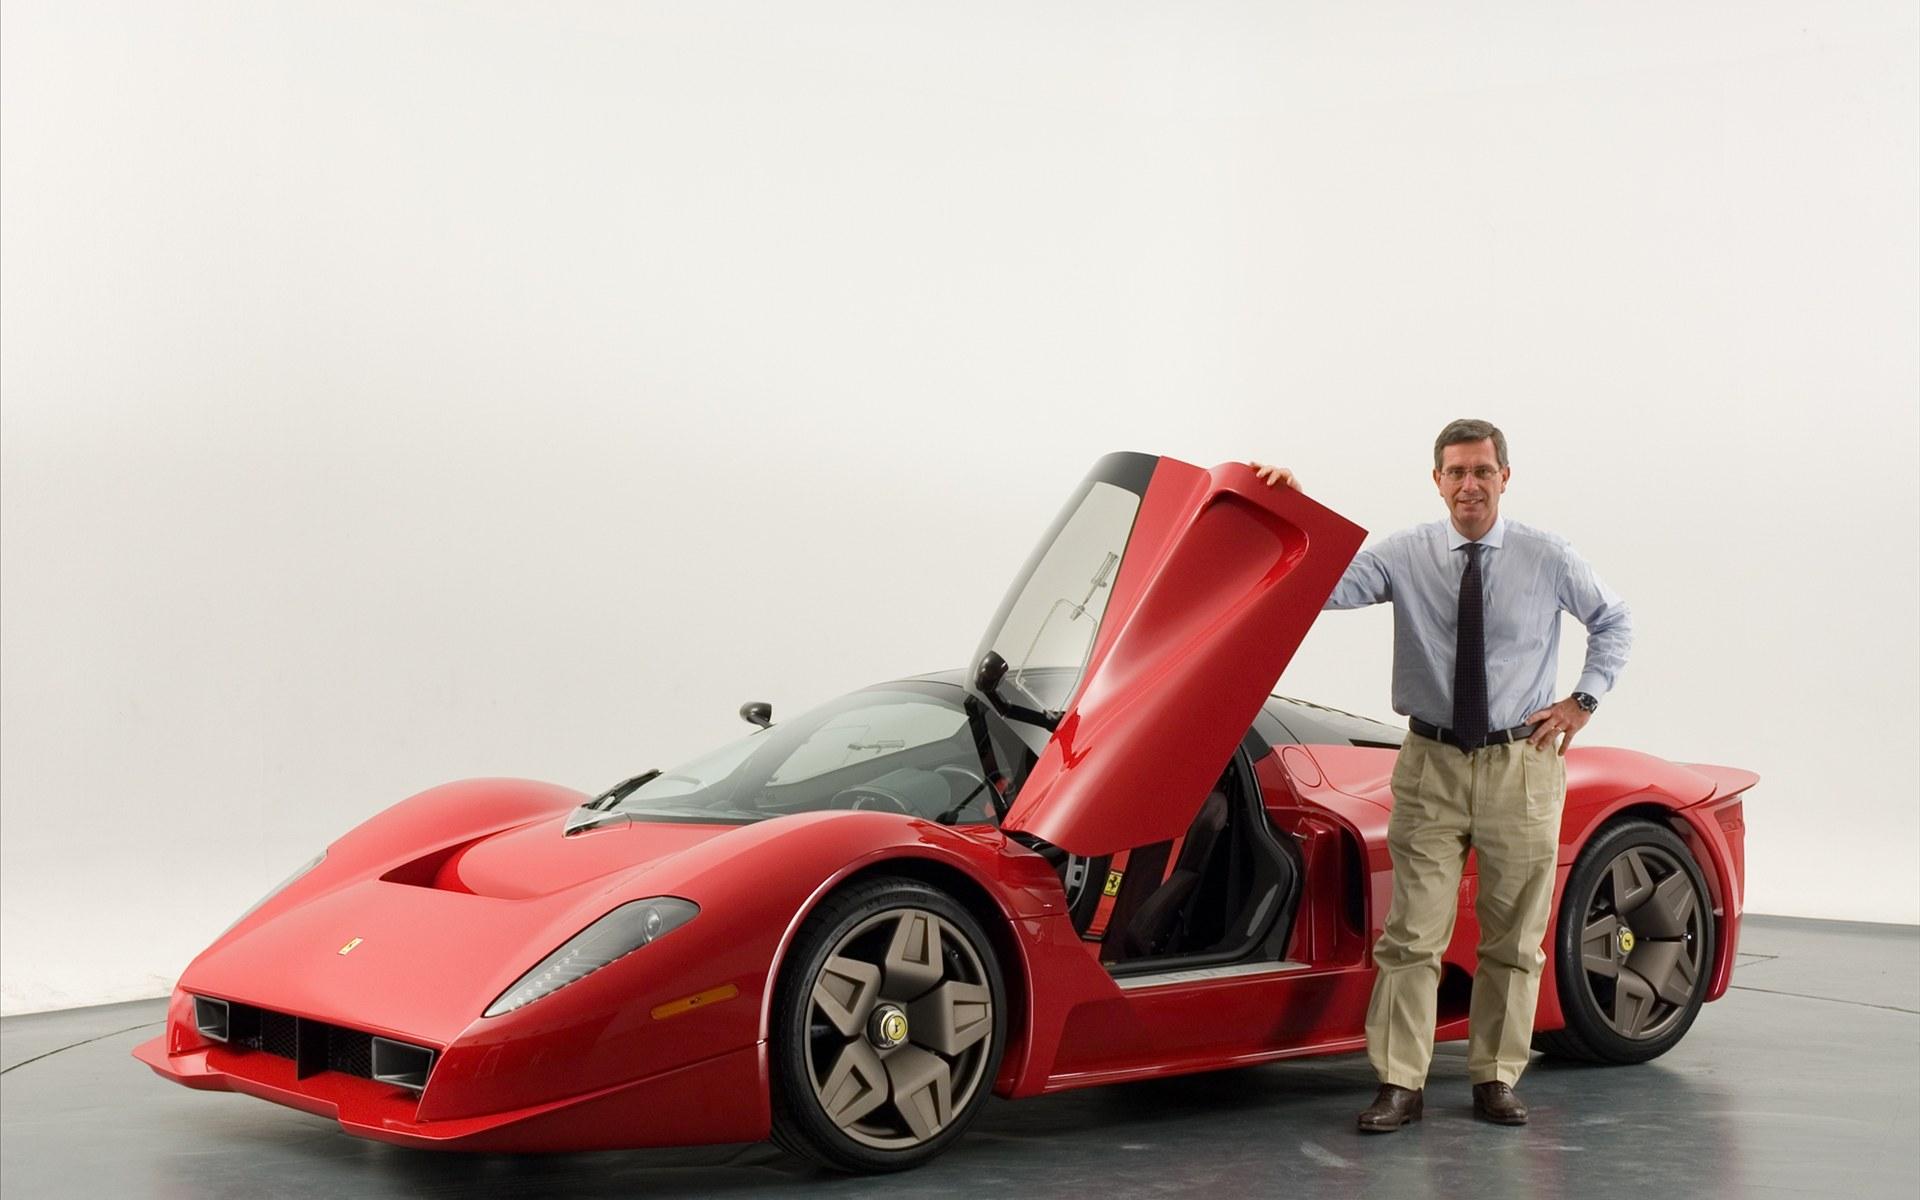 Ferrari P4 Pininfarina